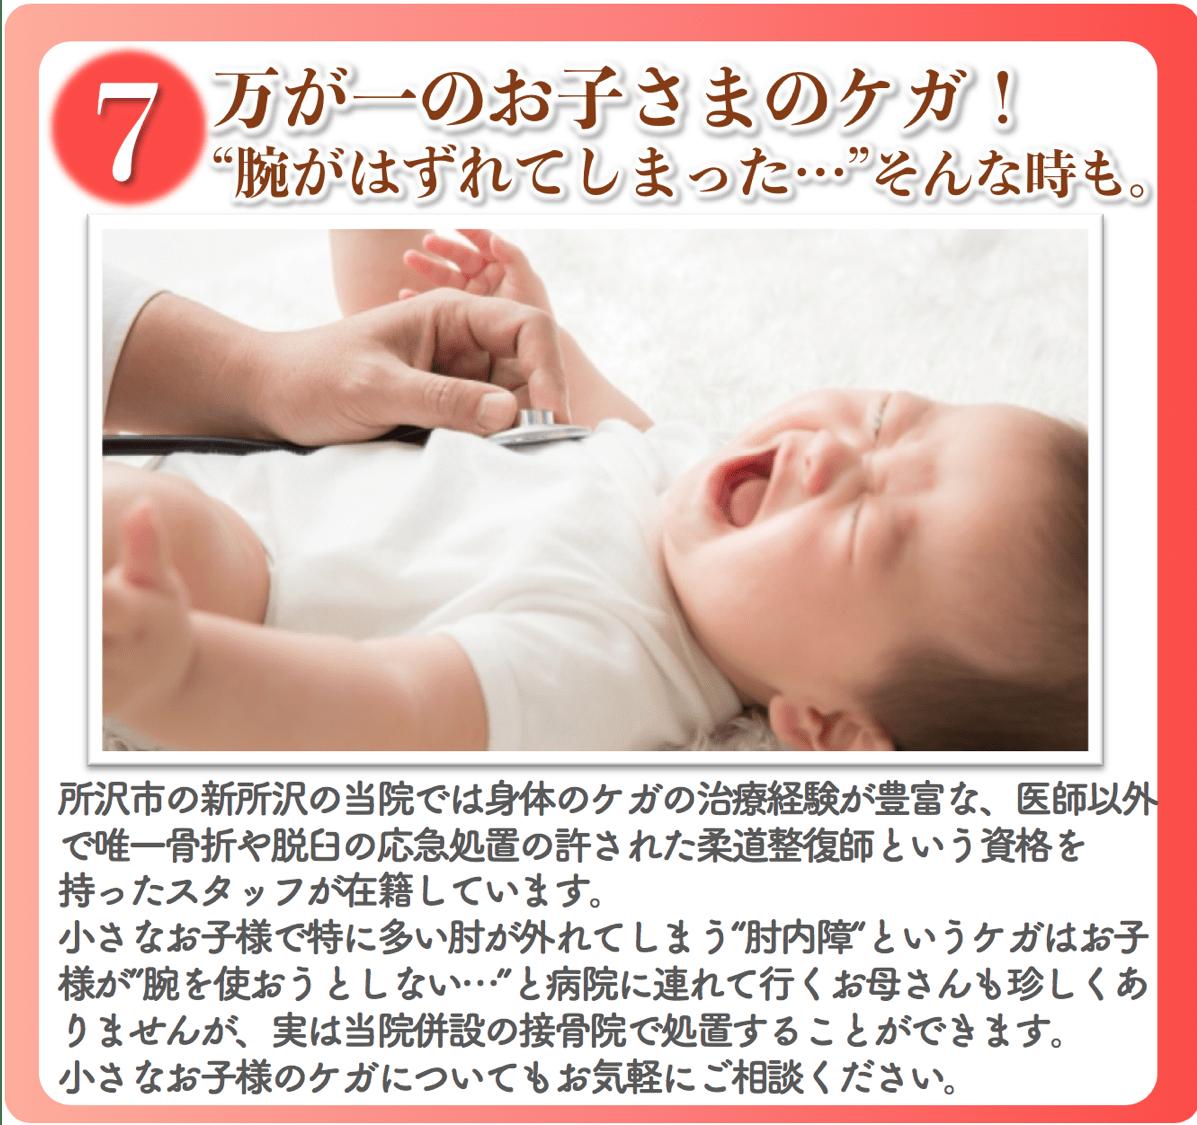 産後骨盤矯正7つの強み7-min